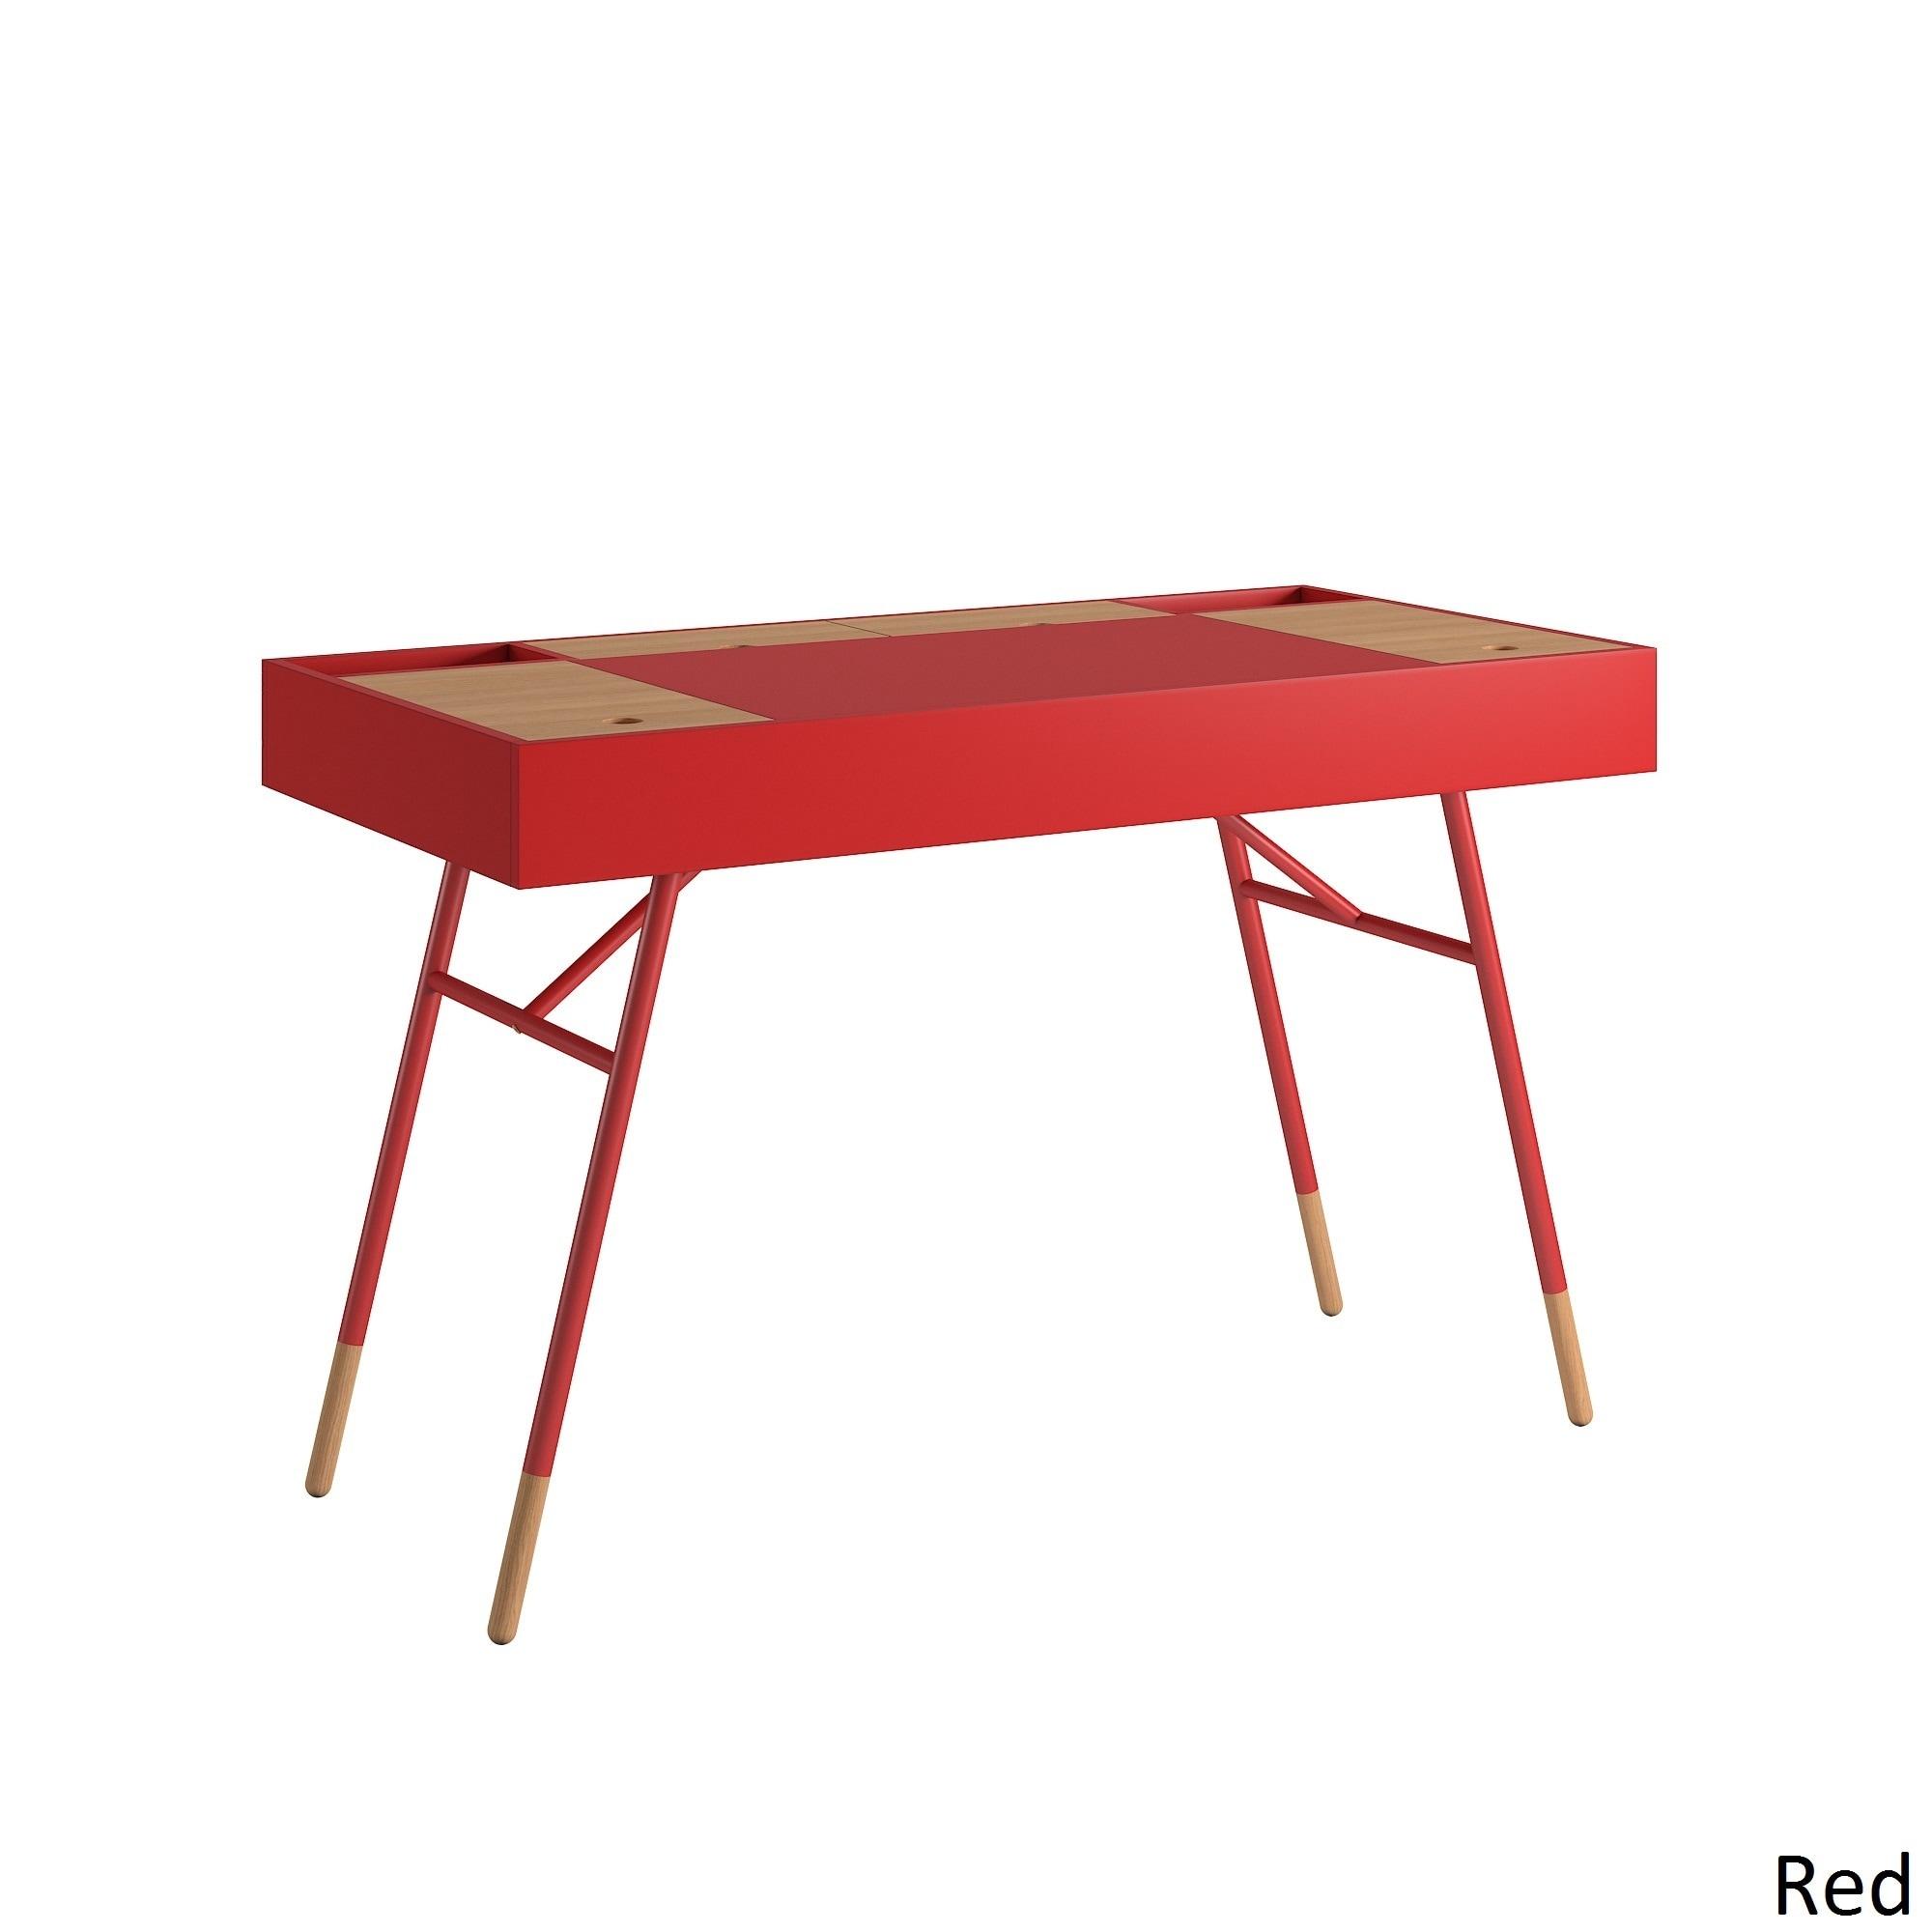 design reception custom white g supplier shape red desk